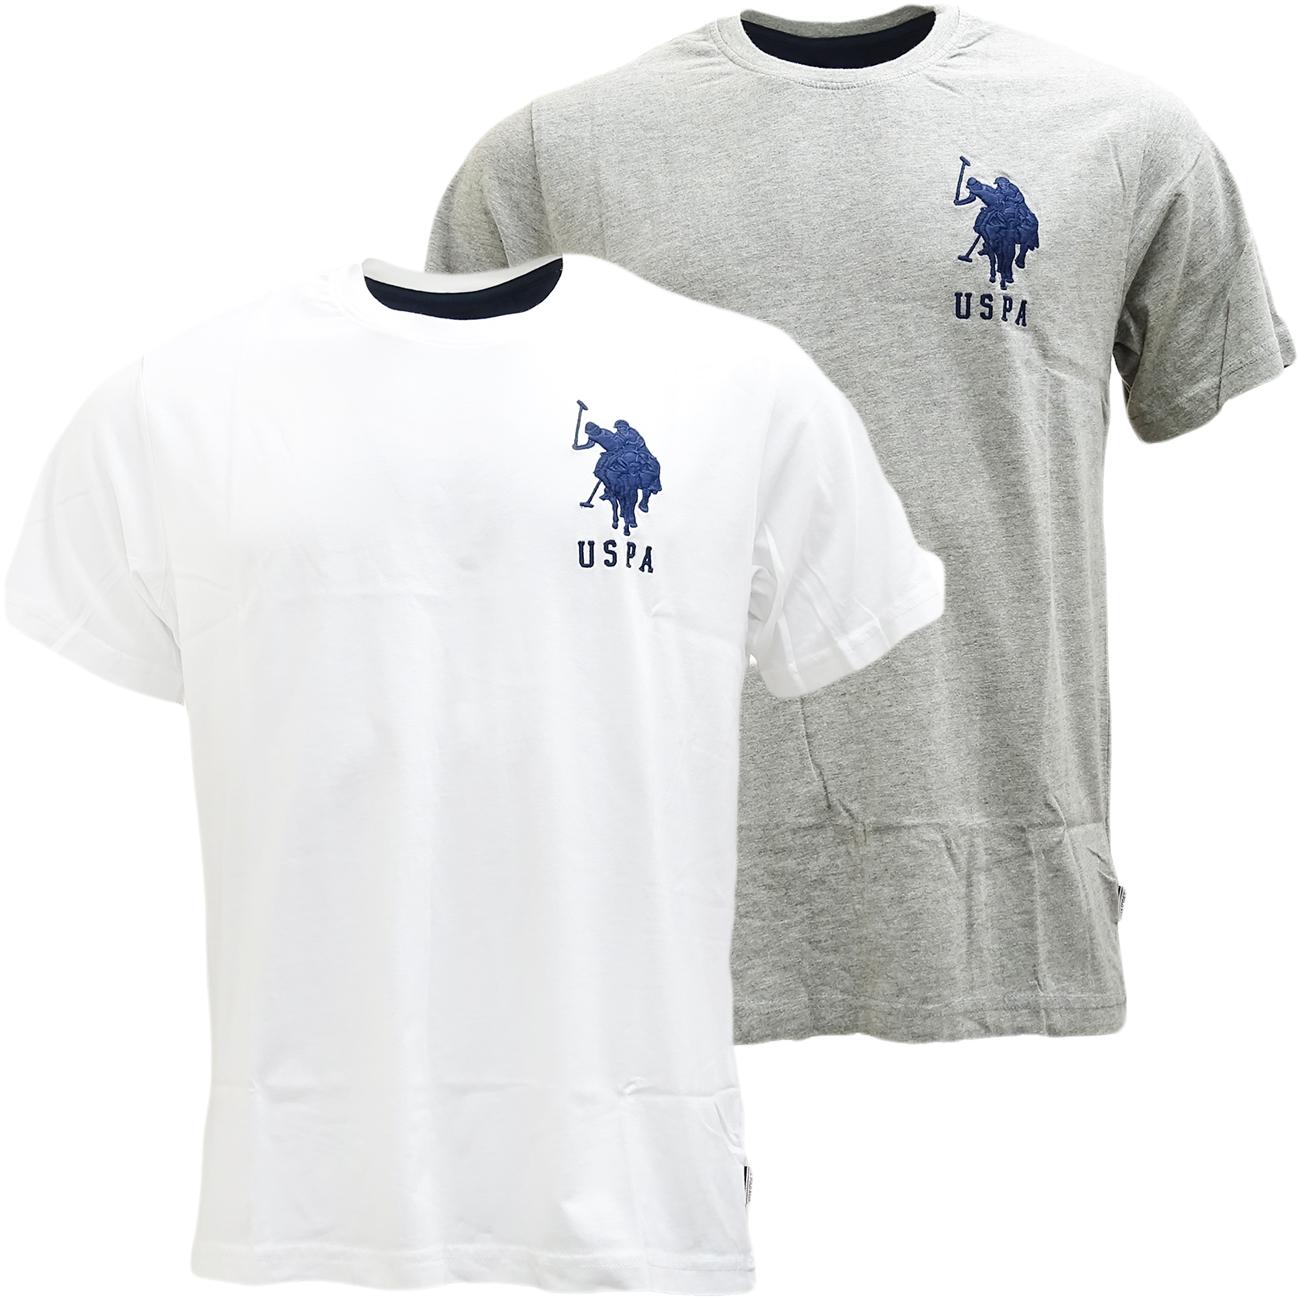 Us Polo Assn Logos